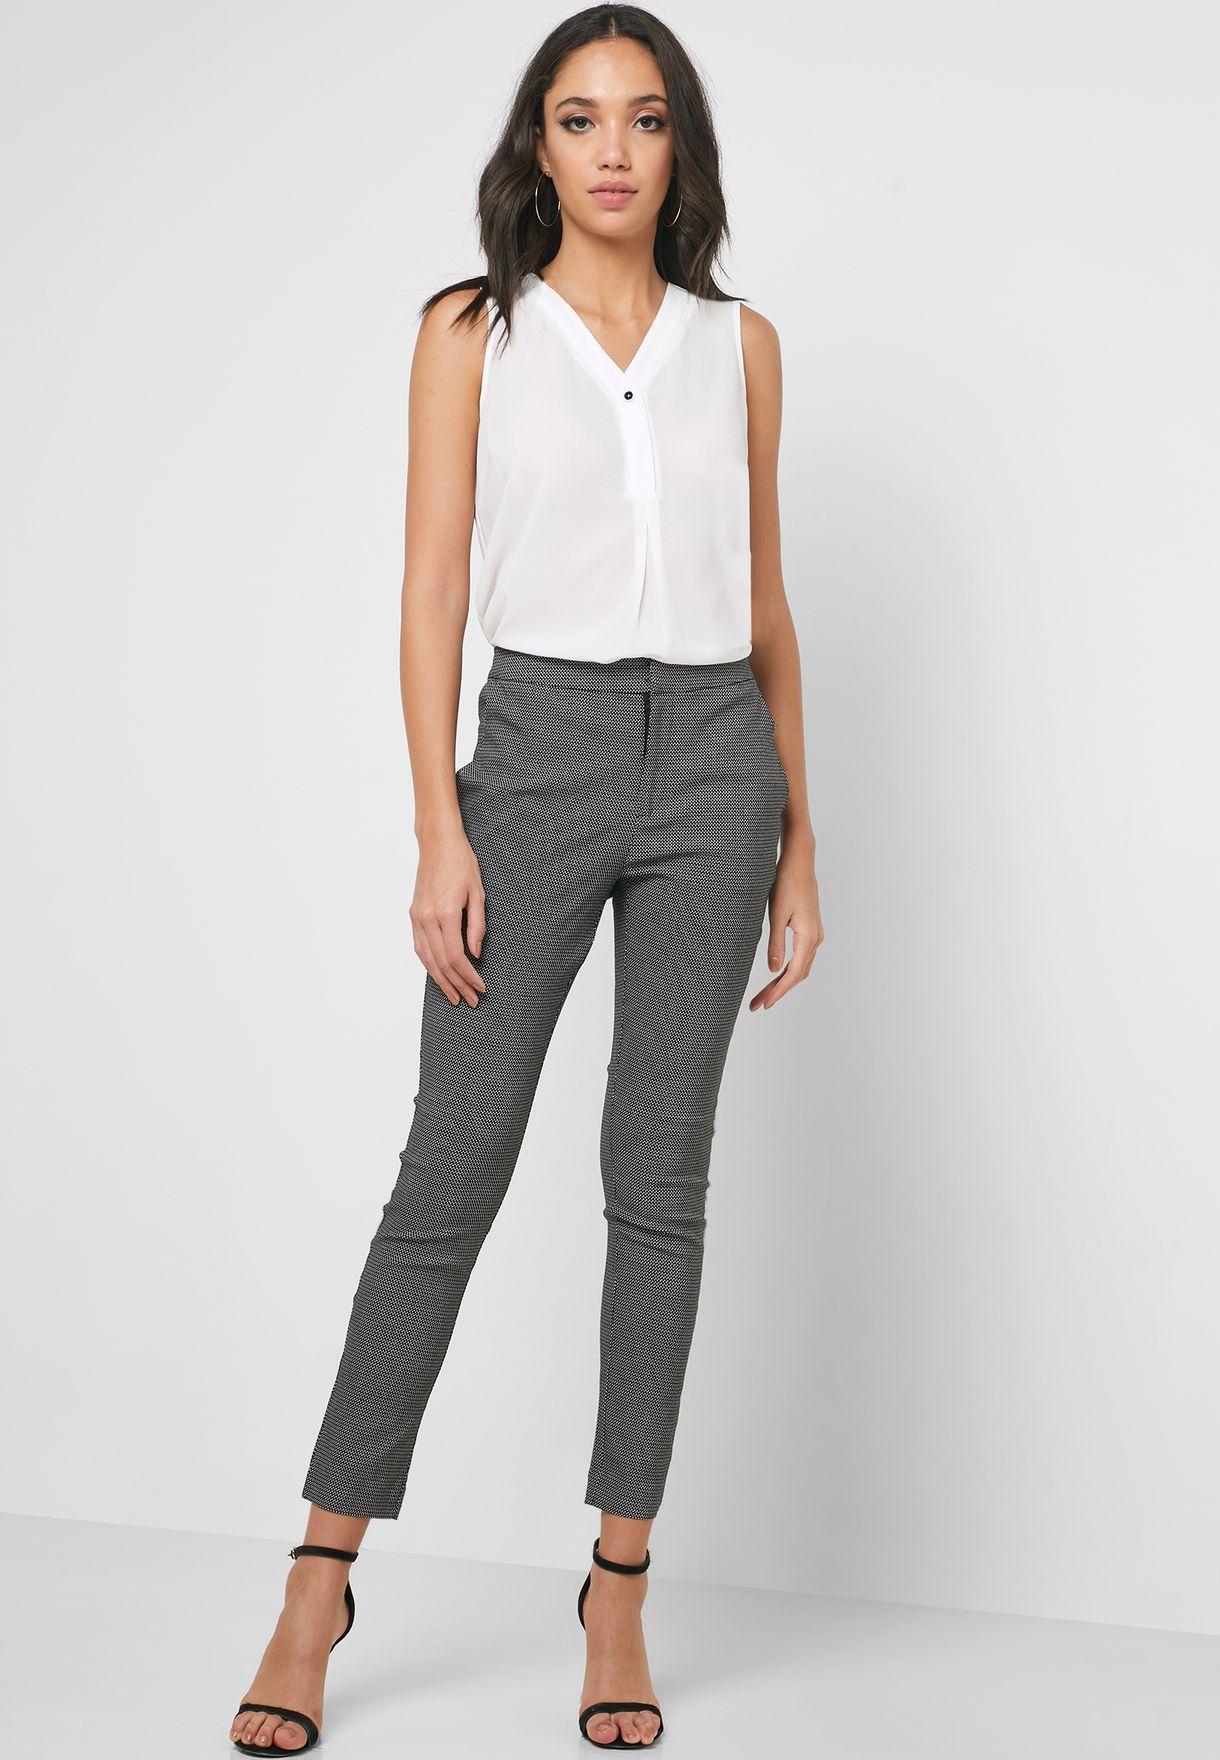 Printed Slim Fit Pants